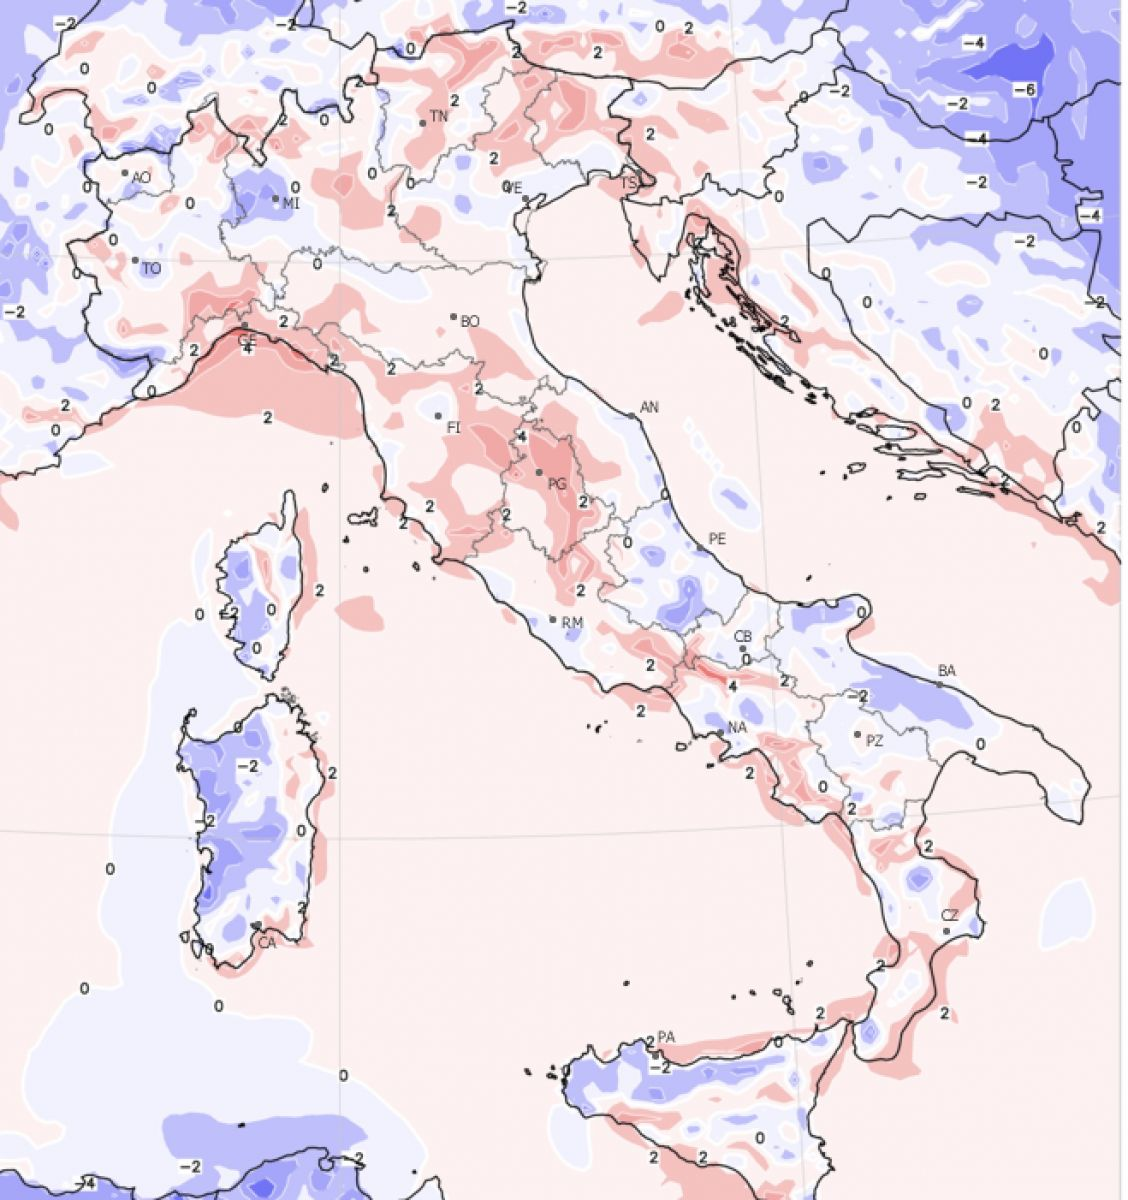 Schermata%202020-08-01%20alle%2009_42_11.jpg